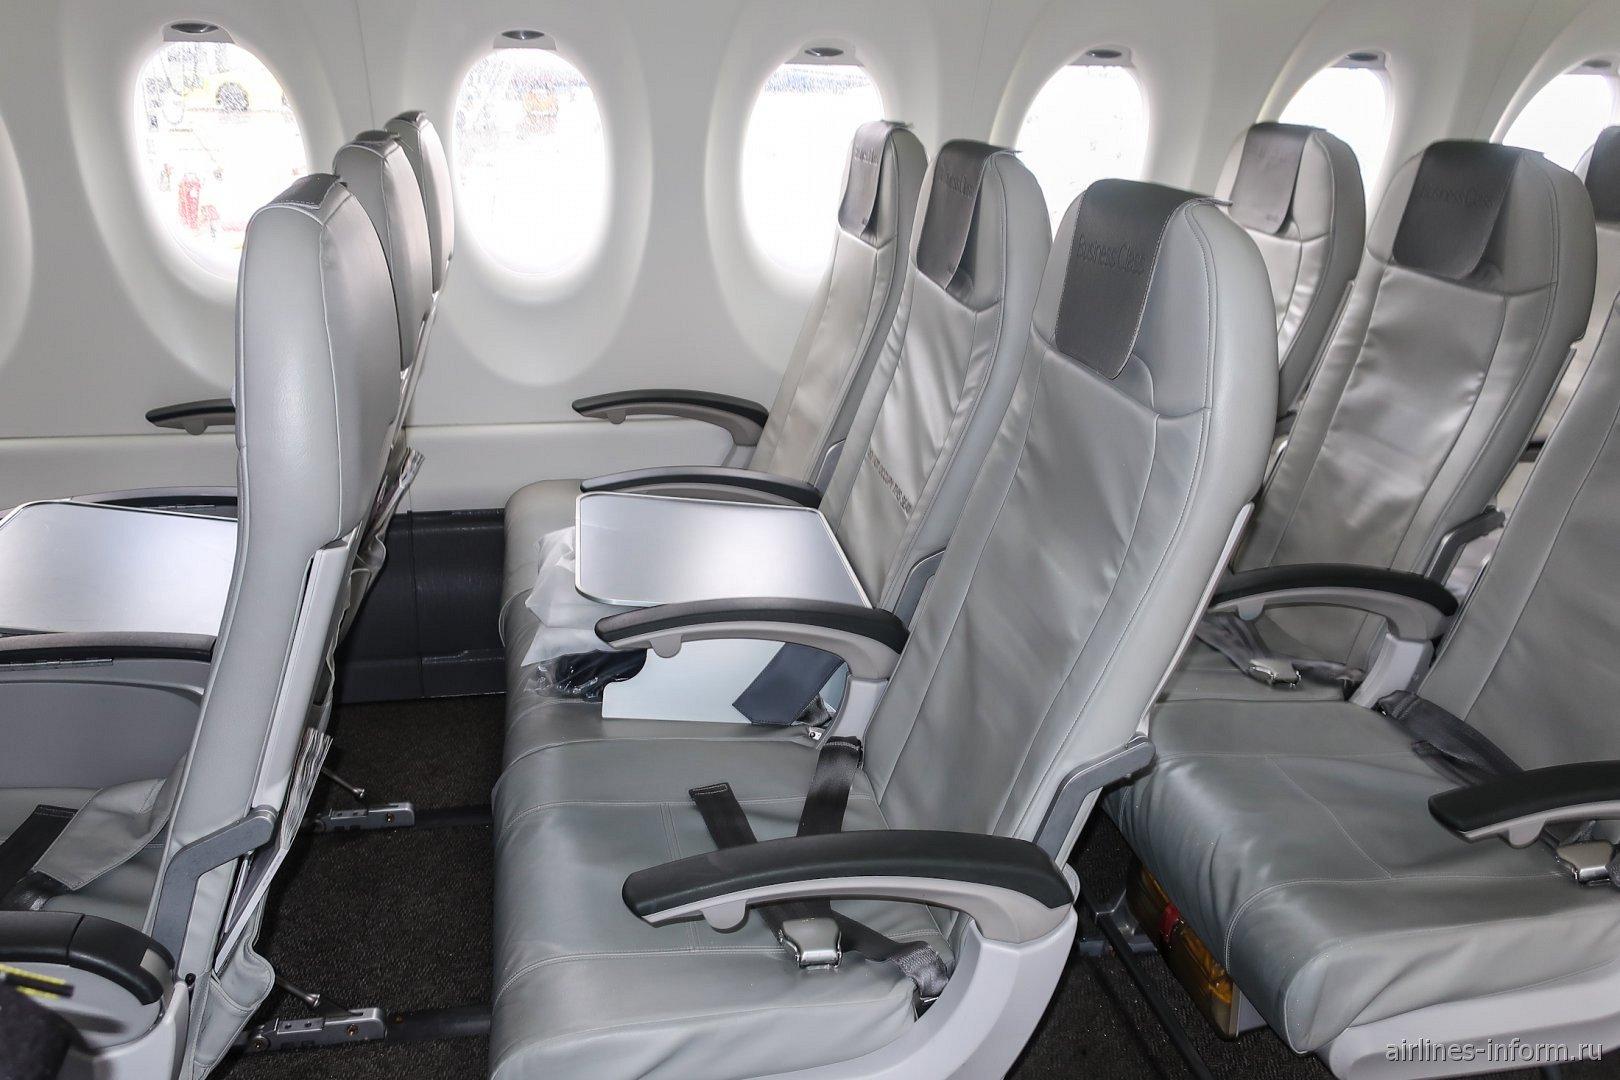 Кресла пассажиров бизнес-класса в самолете Airbus A220-300 авиакомпании airBaltic